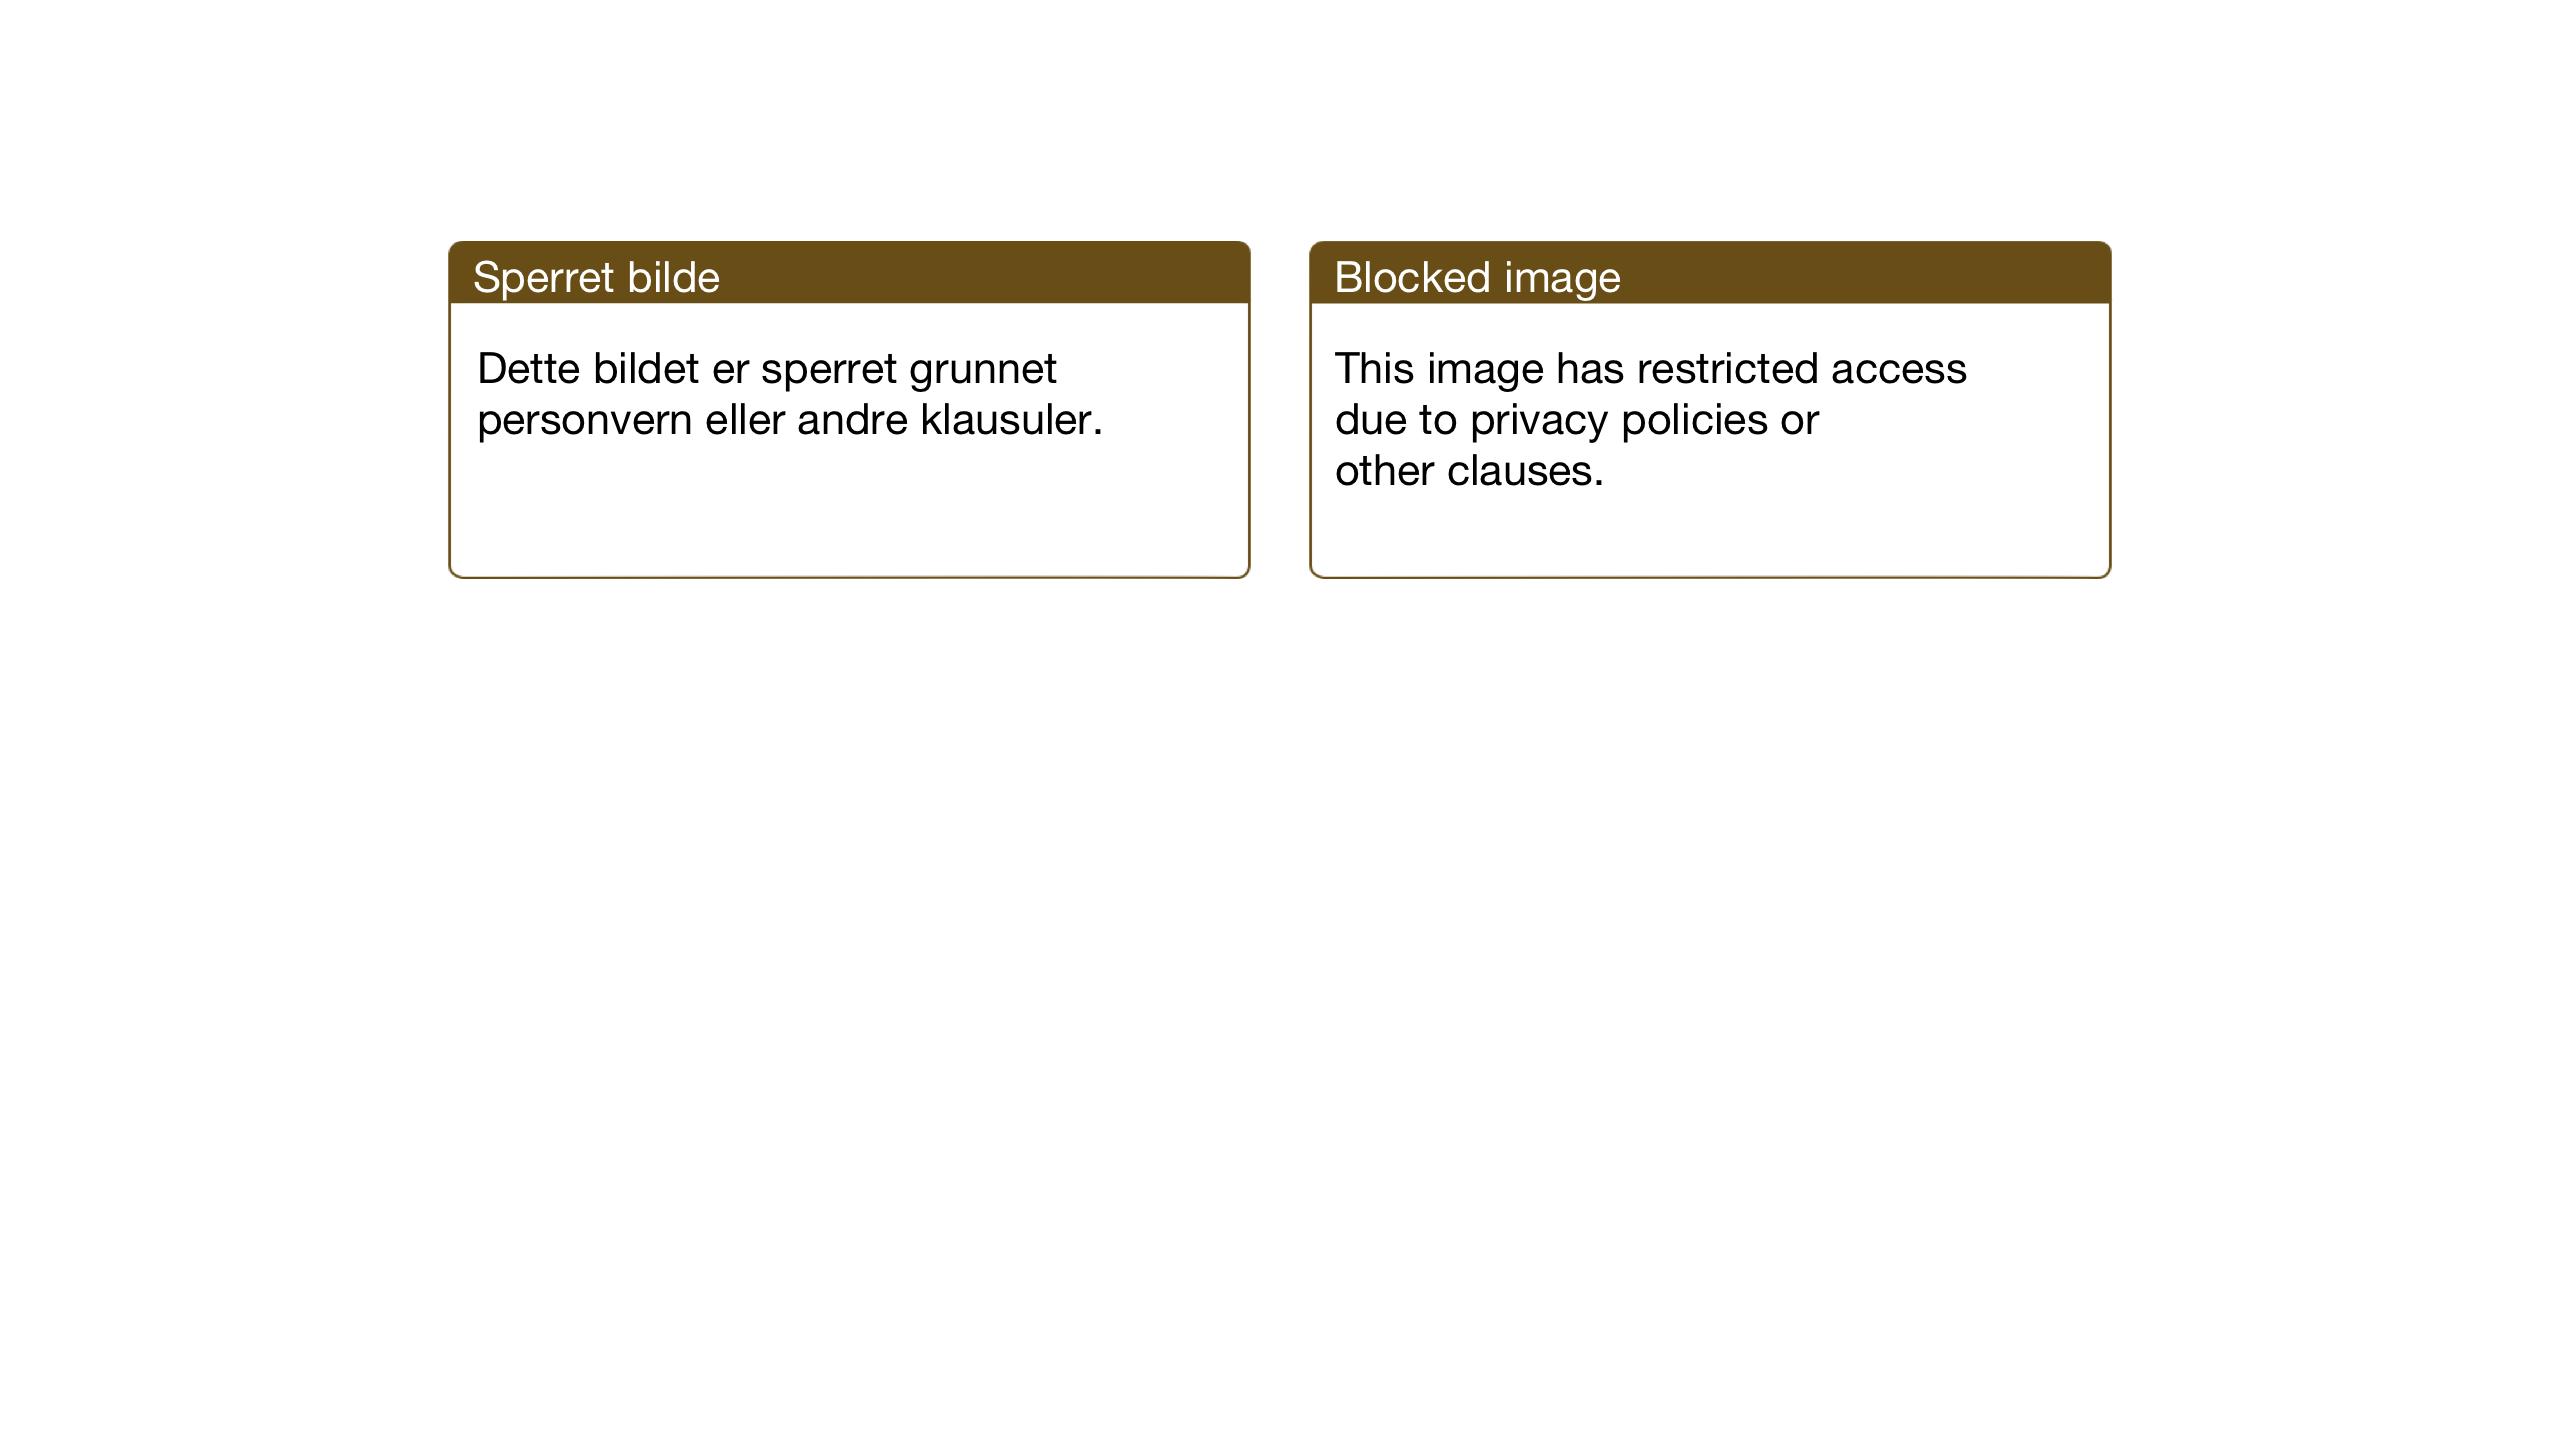 SAT, Ministerialprotokoller, klokkerbøker og fødselsregistre - Sør-Trøndelag, 652/L0654: Klokkerbok nr. 652C02, 1910-1937, s. 54